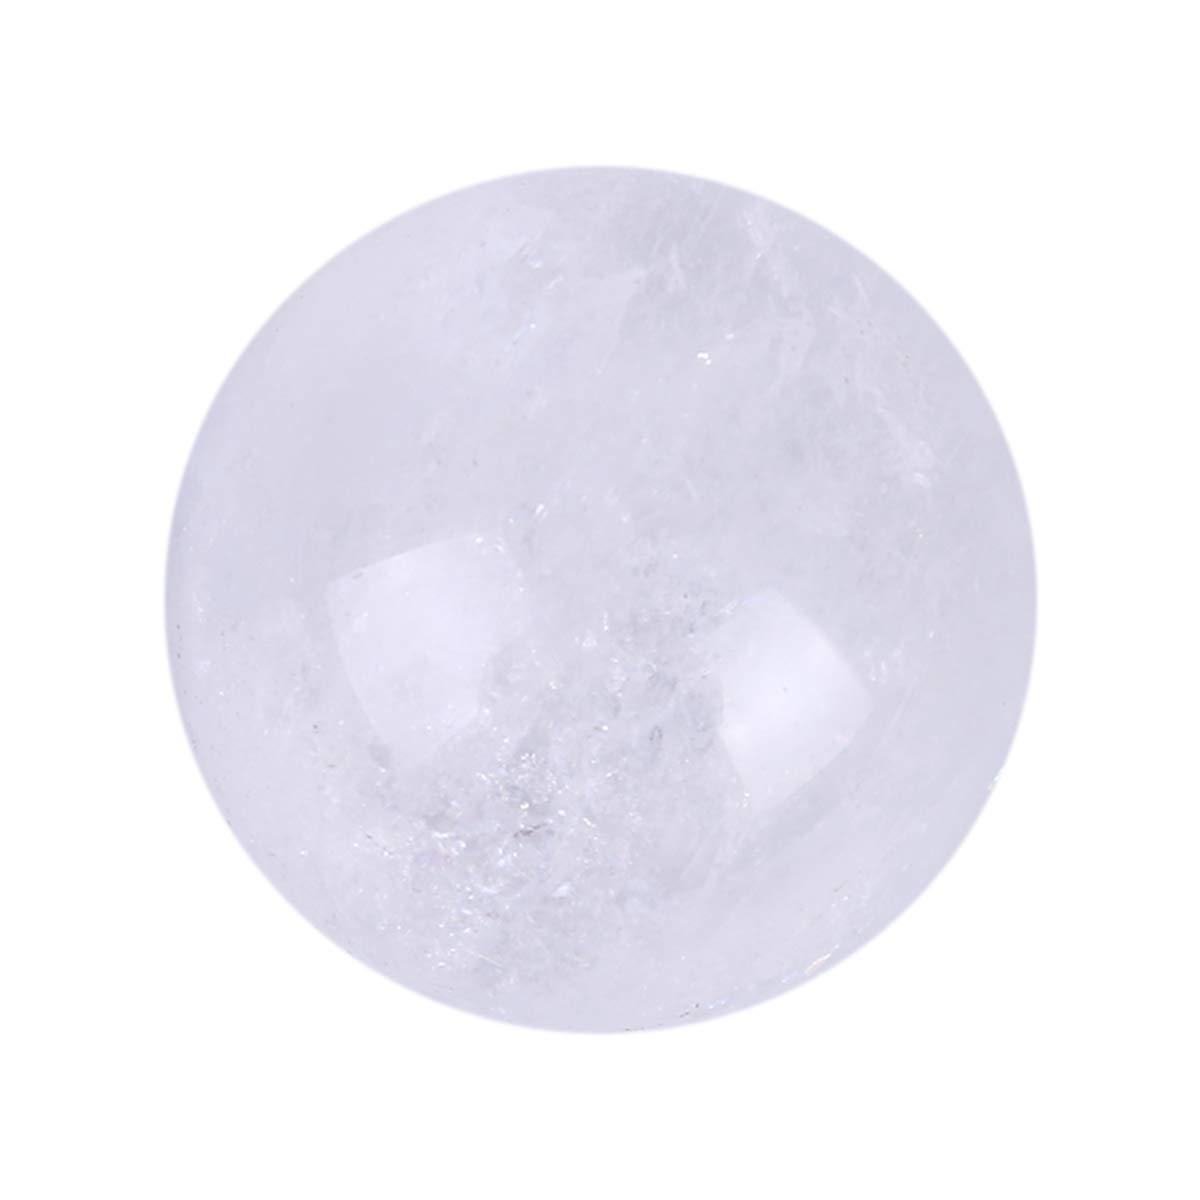 Yunnyp Bola de cristal blanco natural, piedra curativa bola de esfera natural de cristal de cuarzo 40 mm